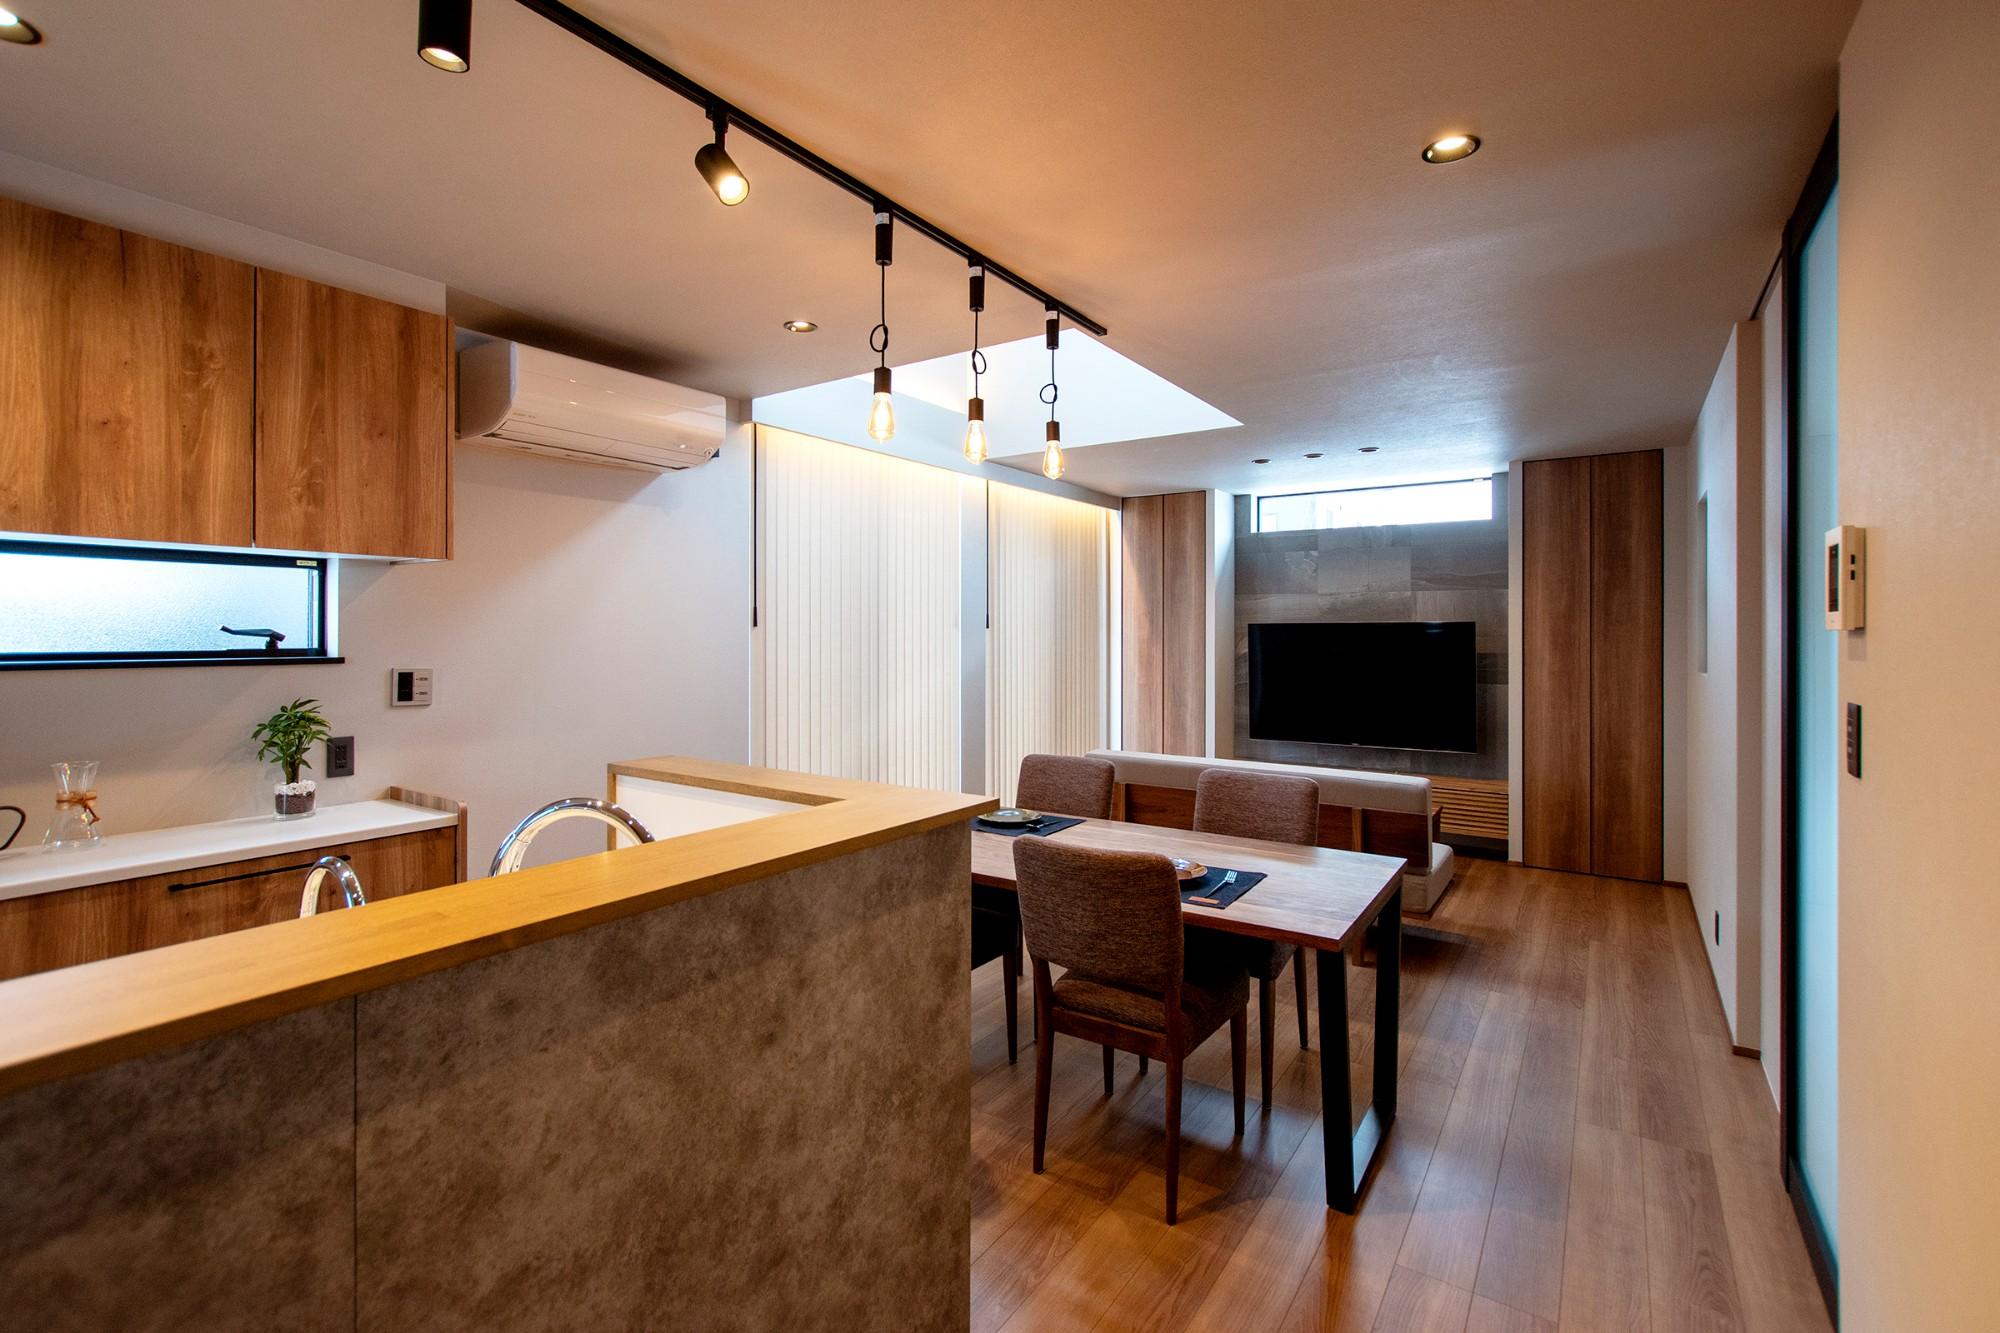 DETAIL HOME(ディテールホーム)「光が降りそそぐ開放感のある家」のシンプル・ナチュラルなリビング・ダイニングの実例写真